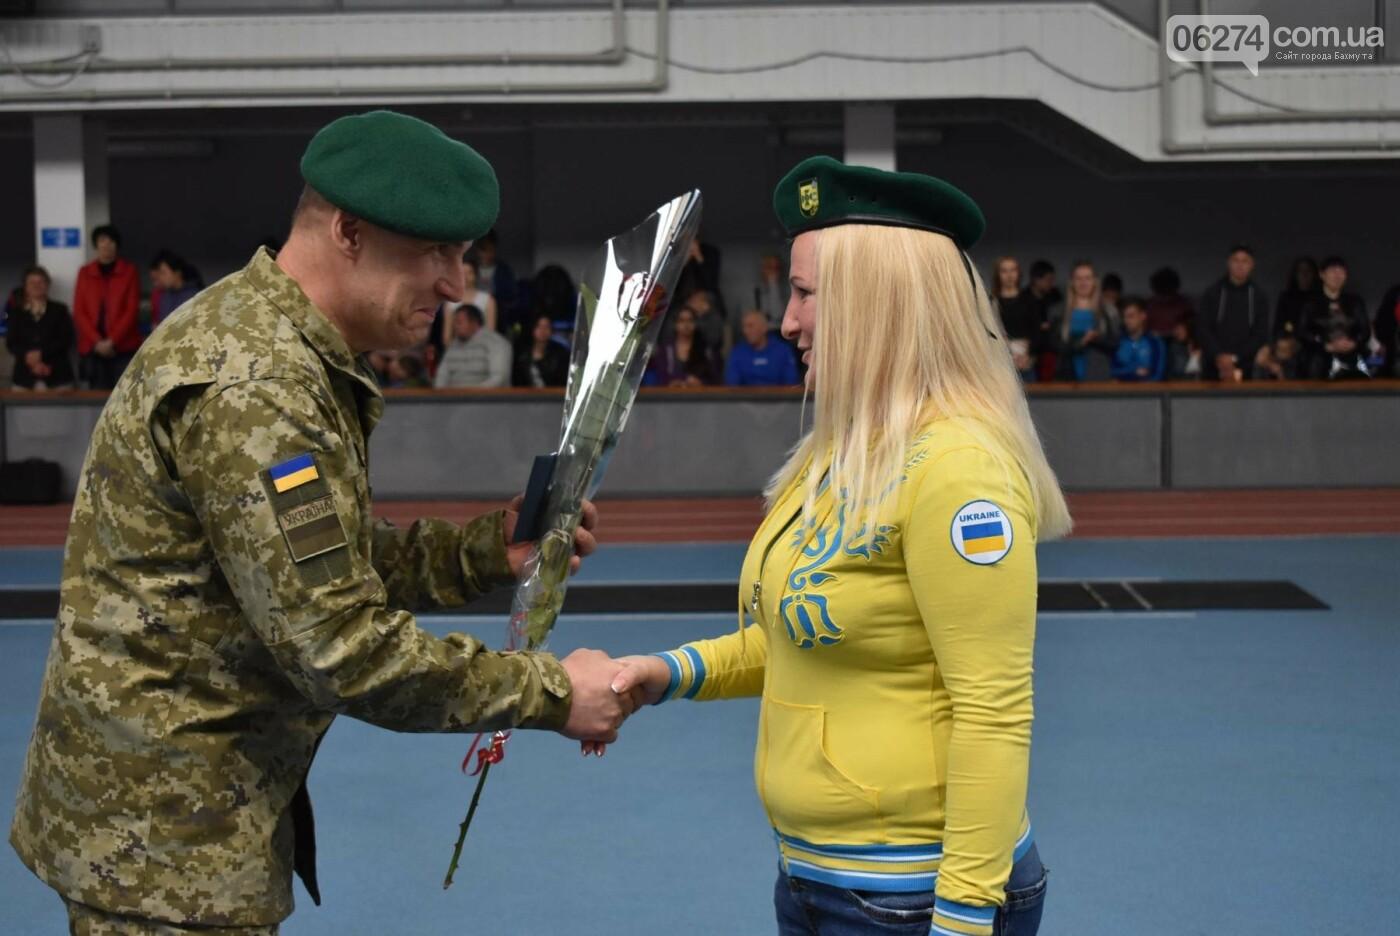 В Бахмуте презентовали спортсменов-олимпийцев Государственной пограничной службы Украины, фото-6